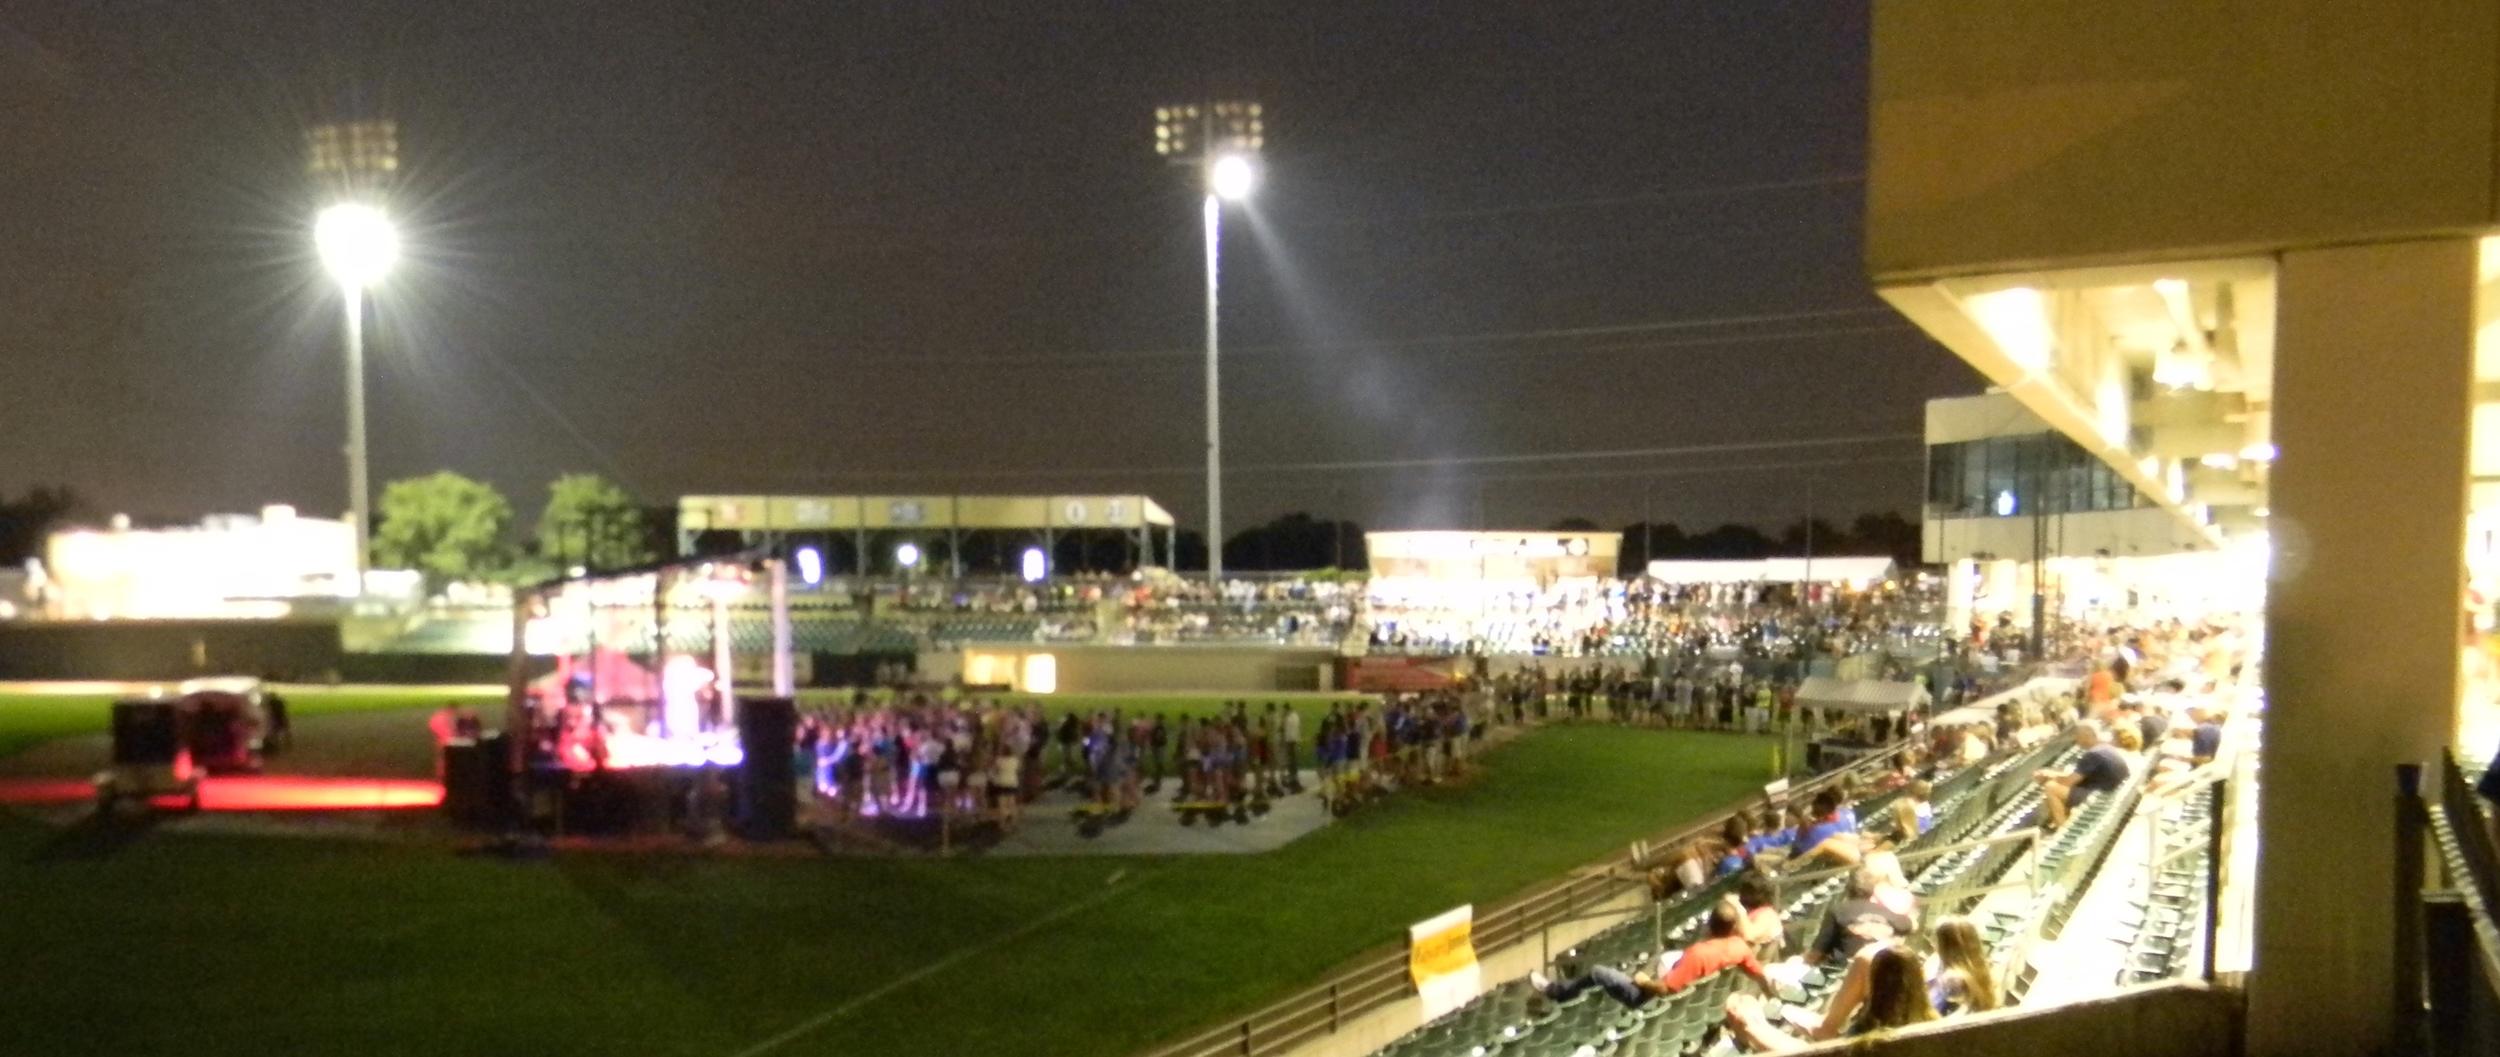 WeishFest 2013-Stadium.JPG